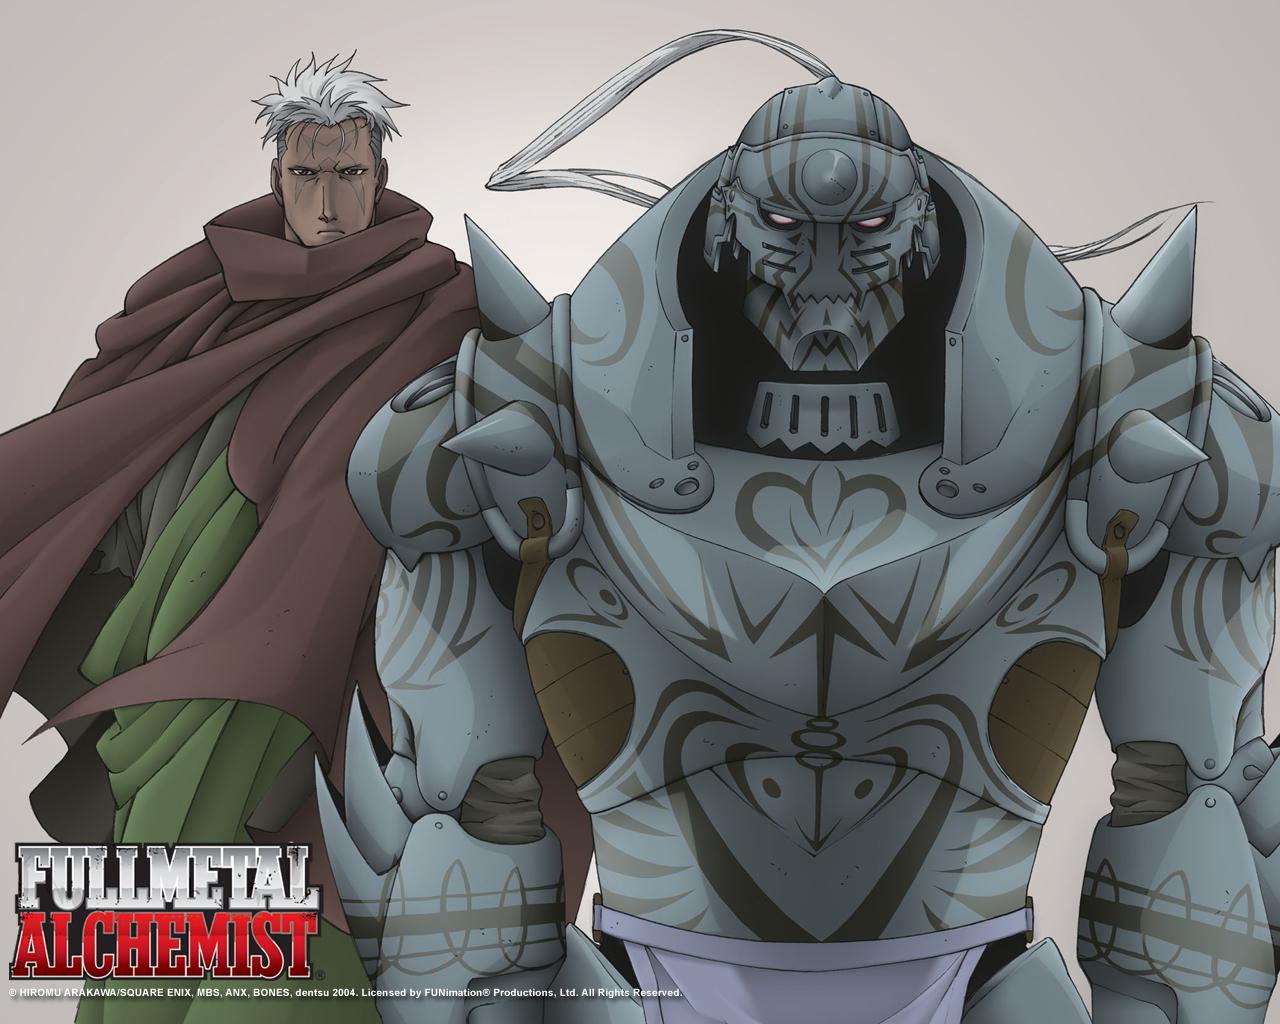 Fullmetal Alchemist Wallpaper 004